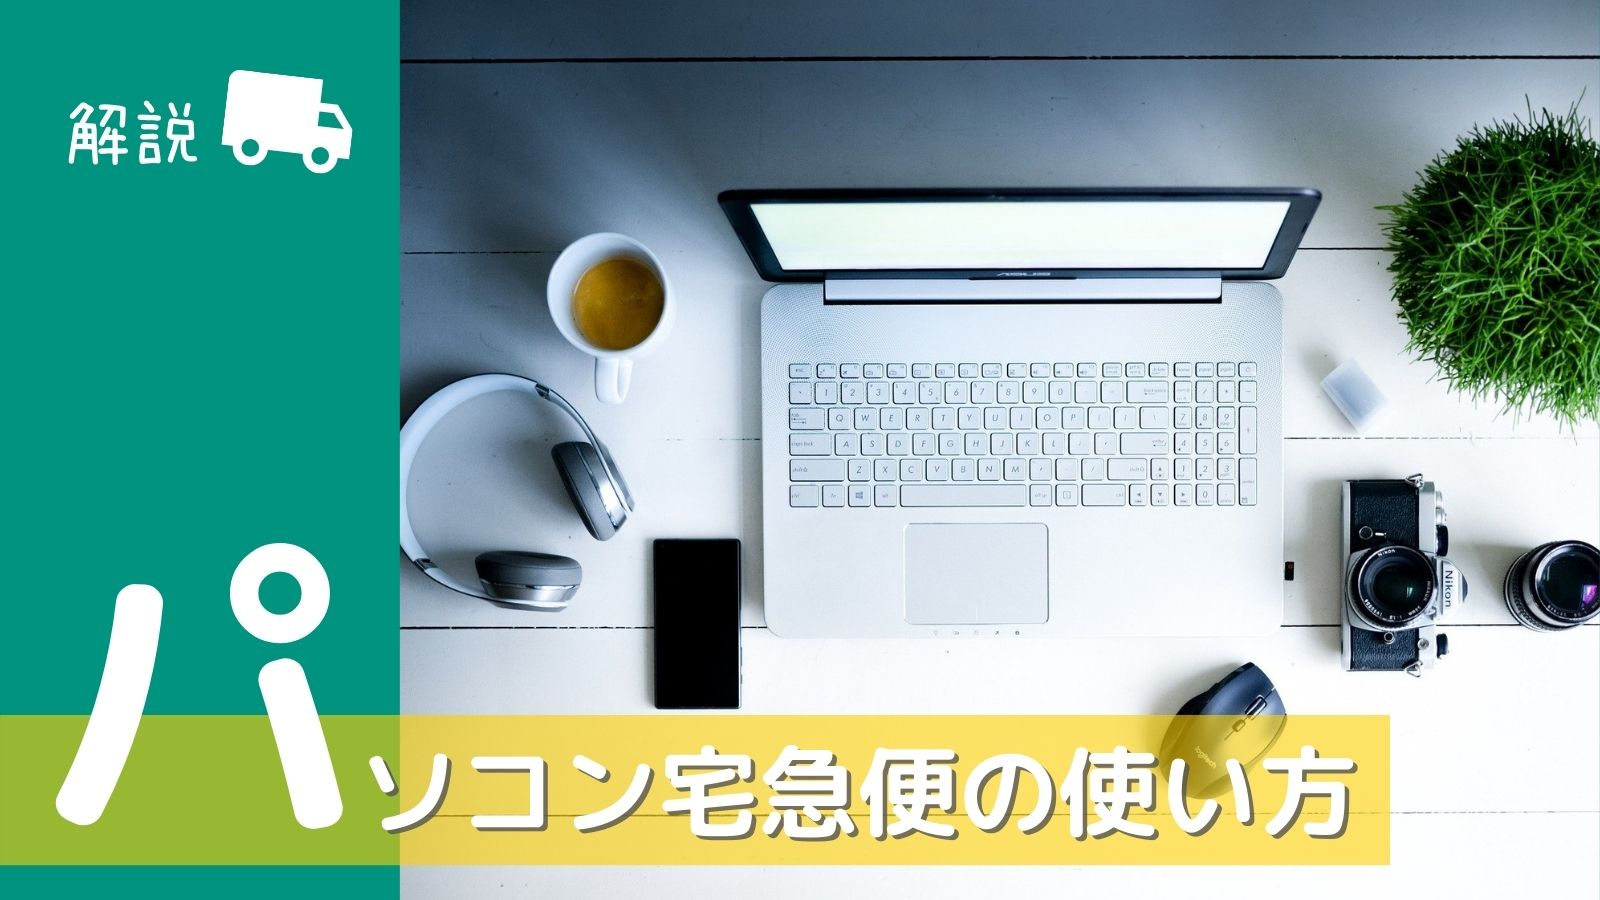 アイキャッチ画像パソコン宅急便の概要・利用方法